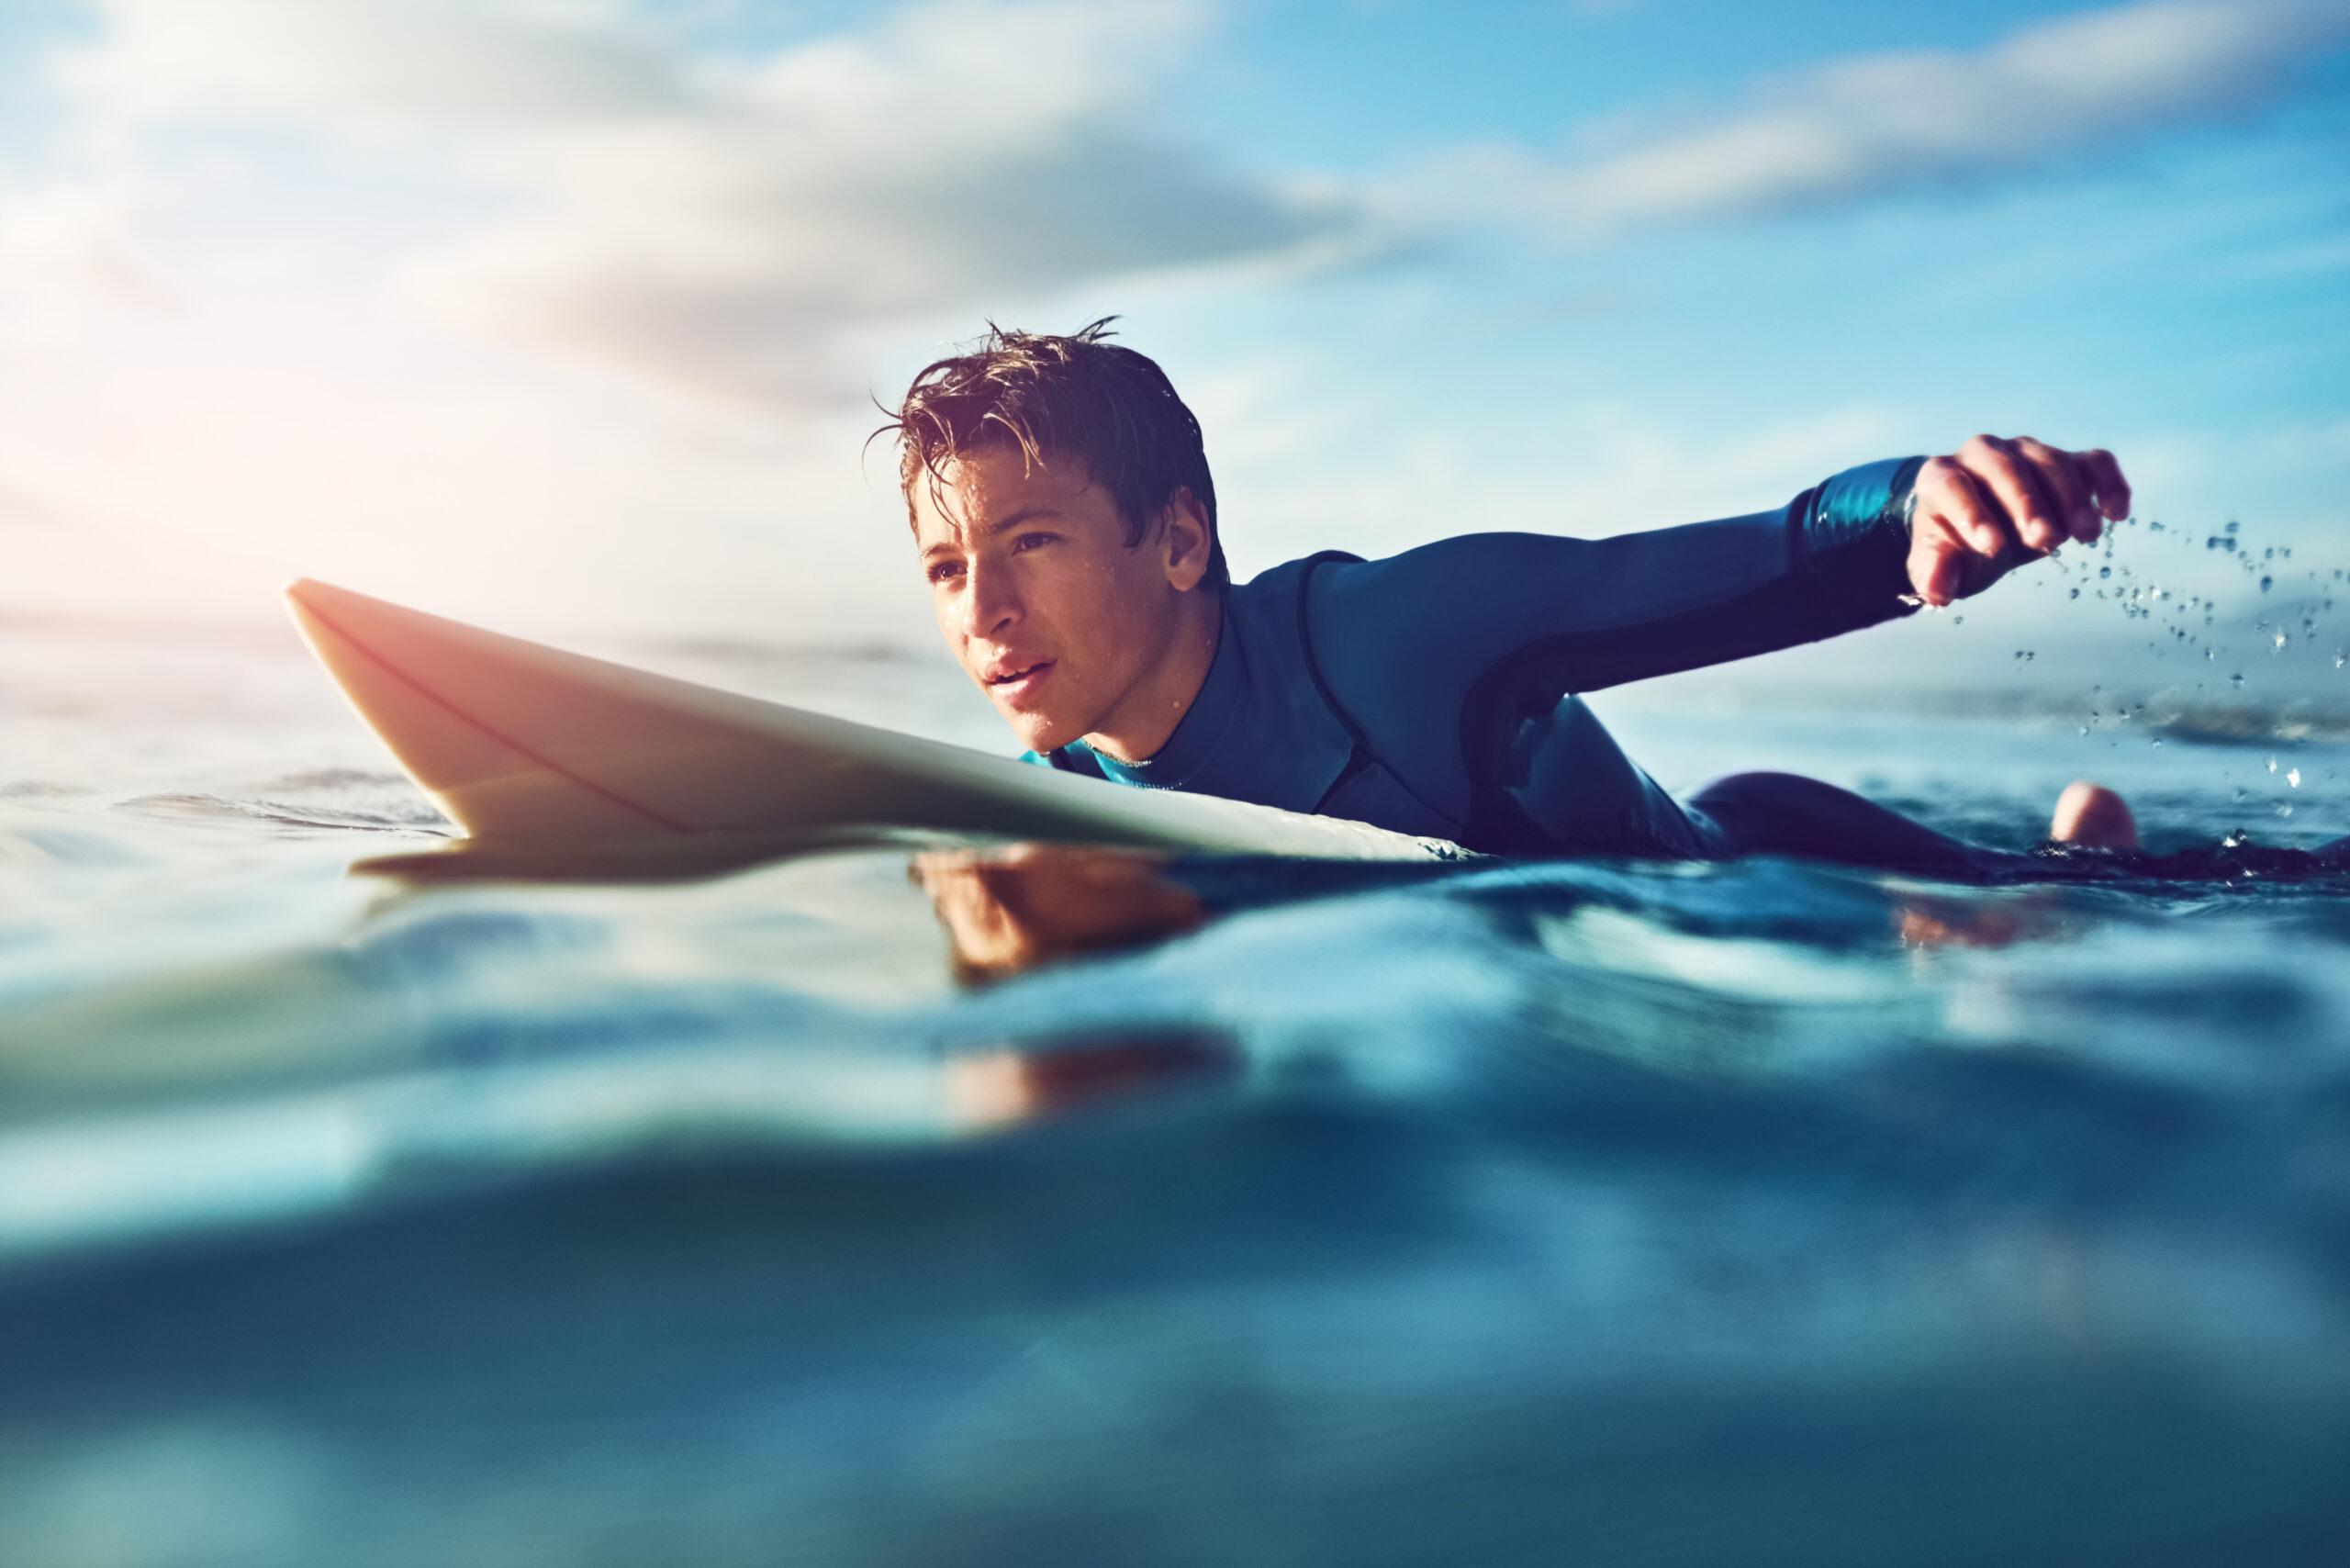 teen boy on surfboard in water